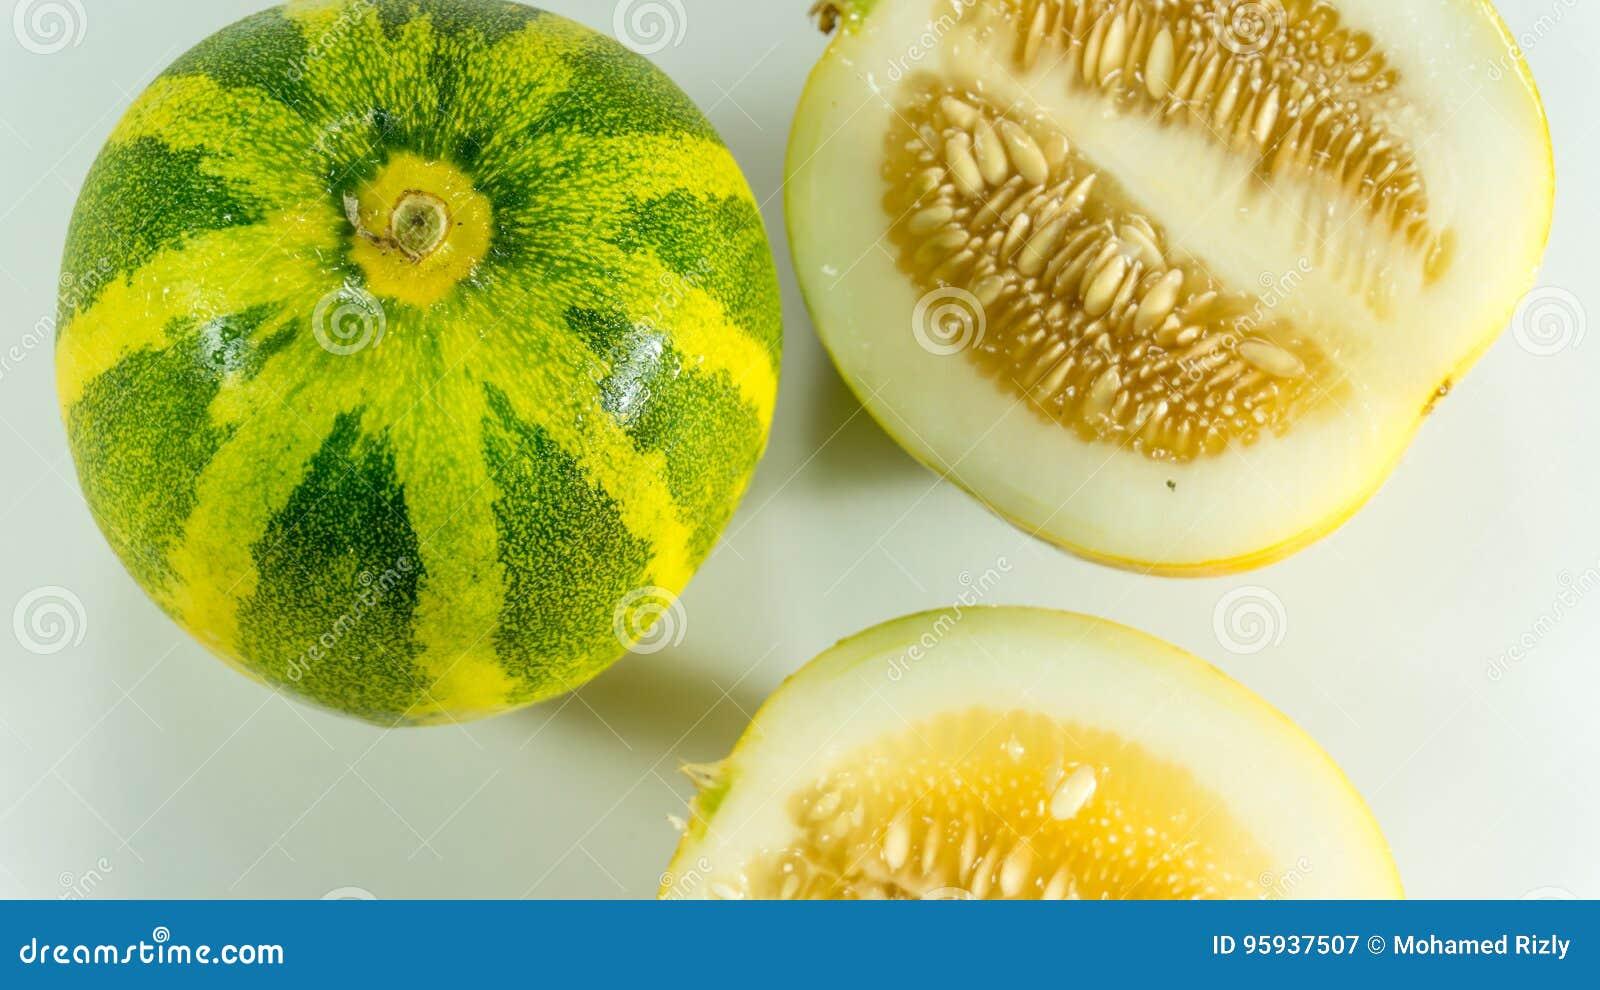 Kekiri/Cucumis melo/ Melon fruit CUCURBITACEAE